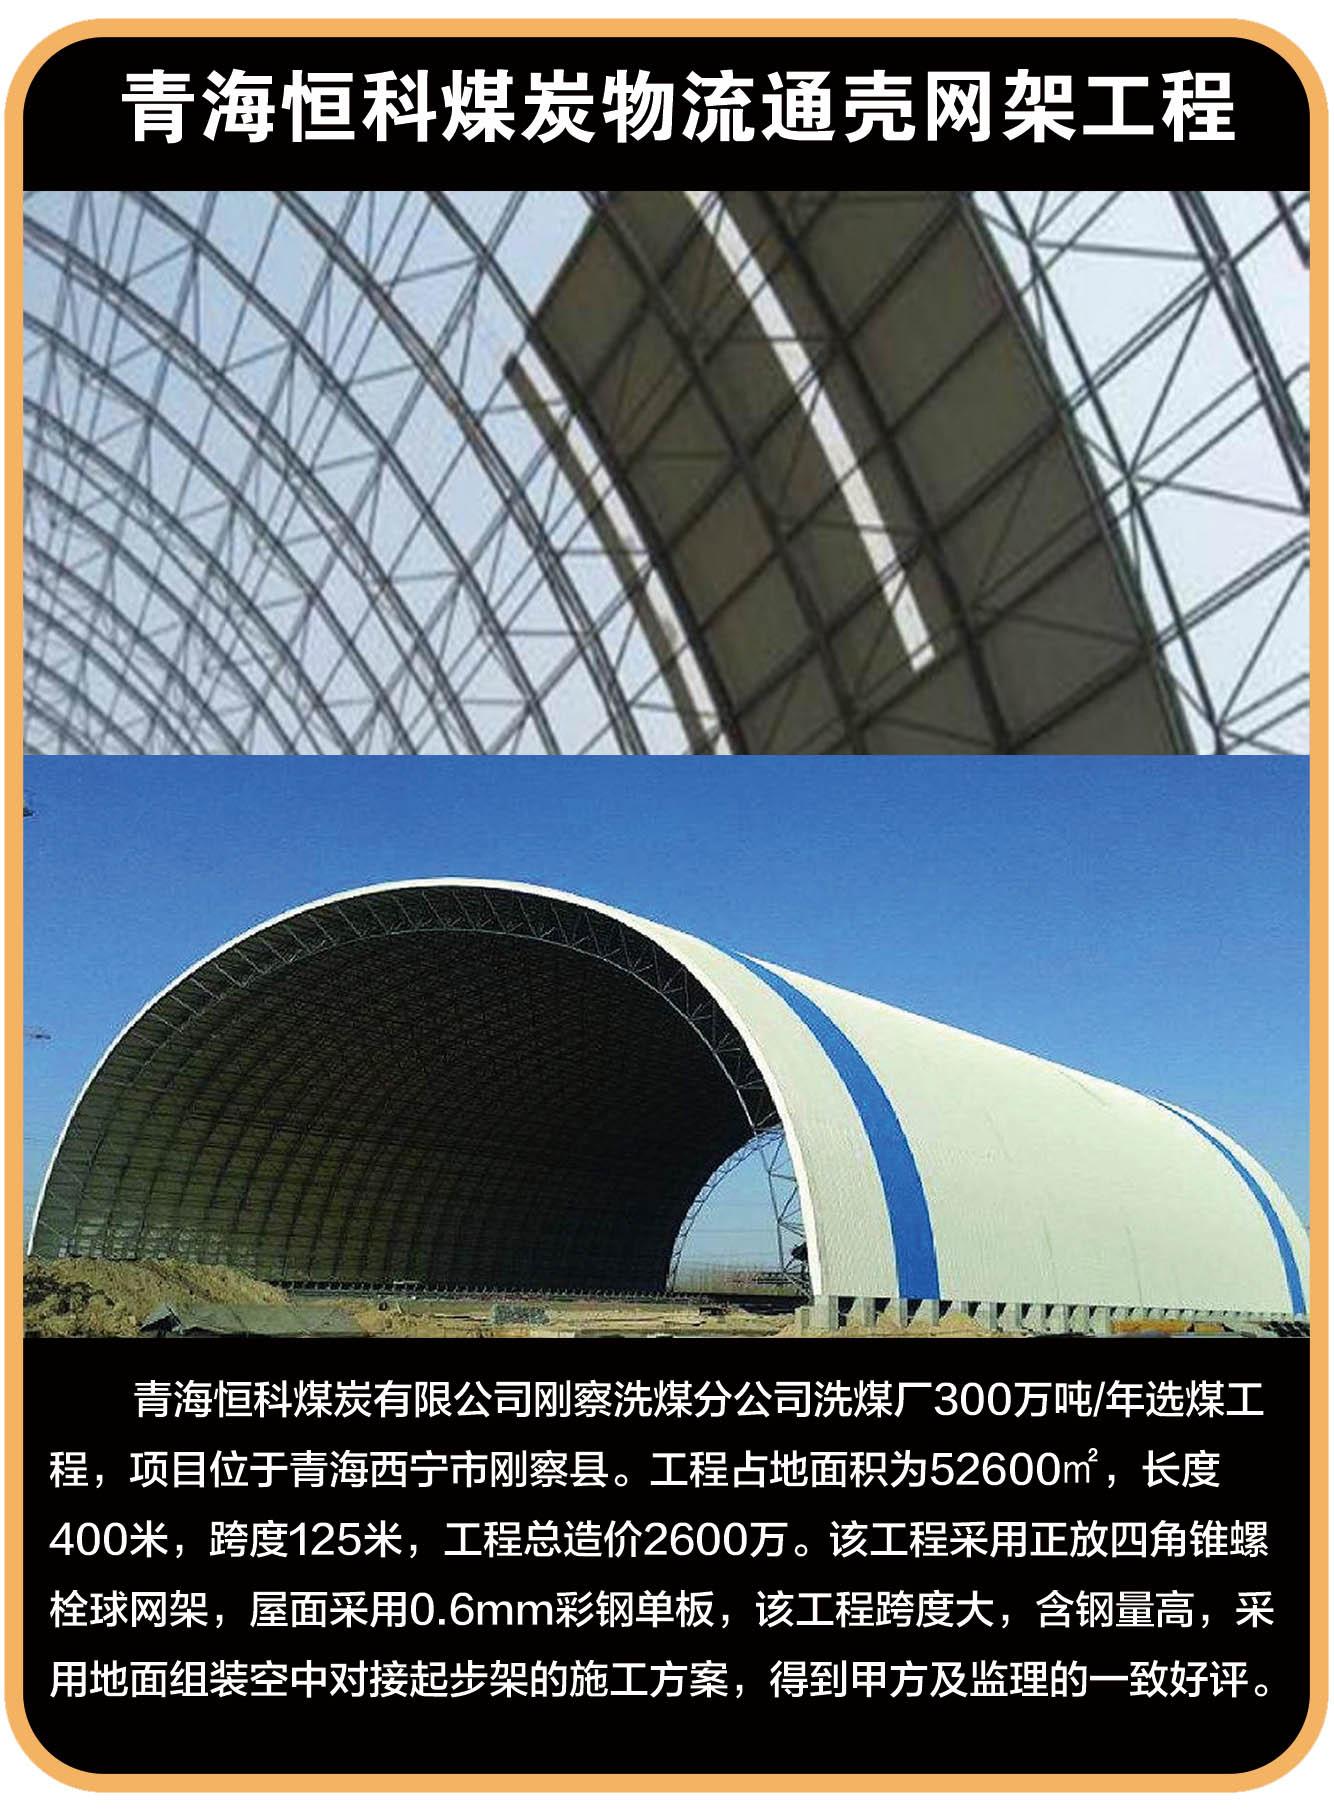 青海恒科煤炭物流通壳网架工程